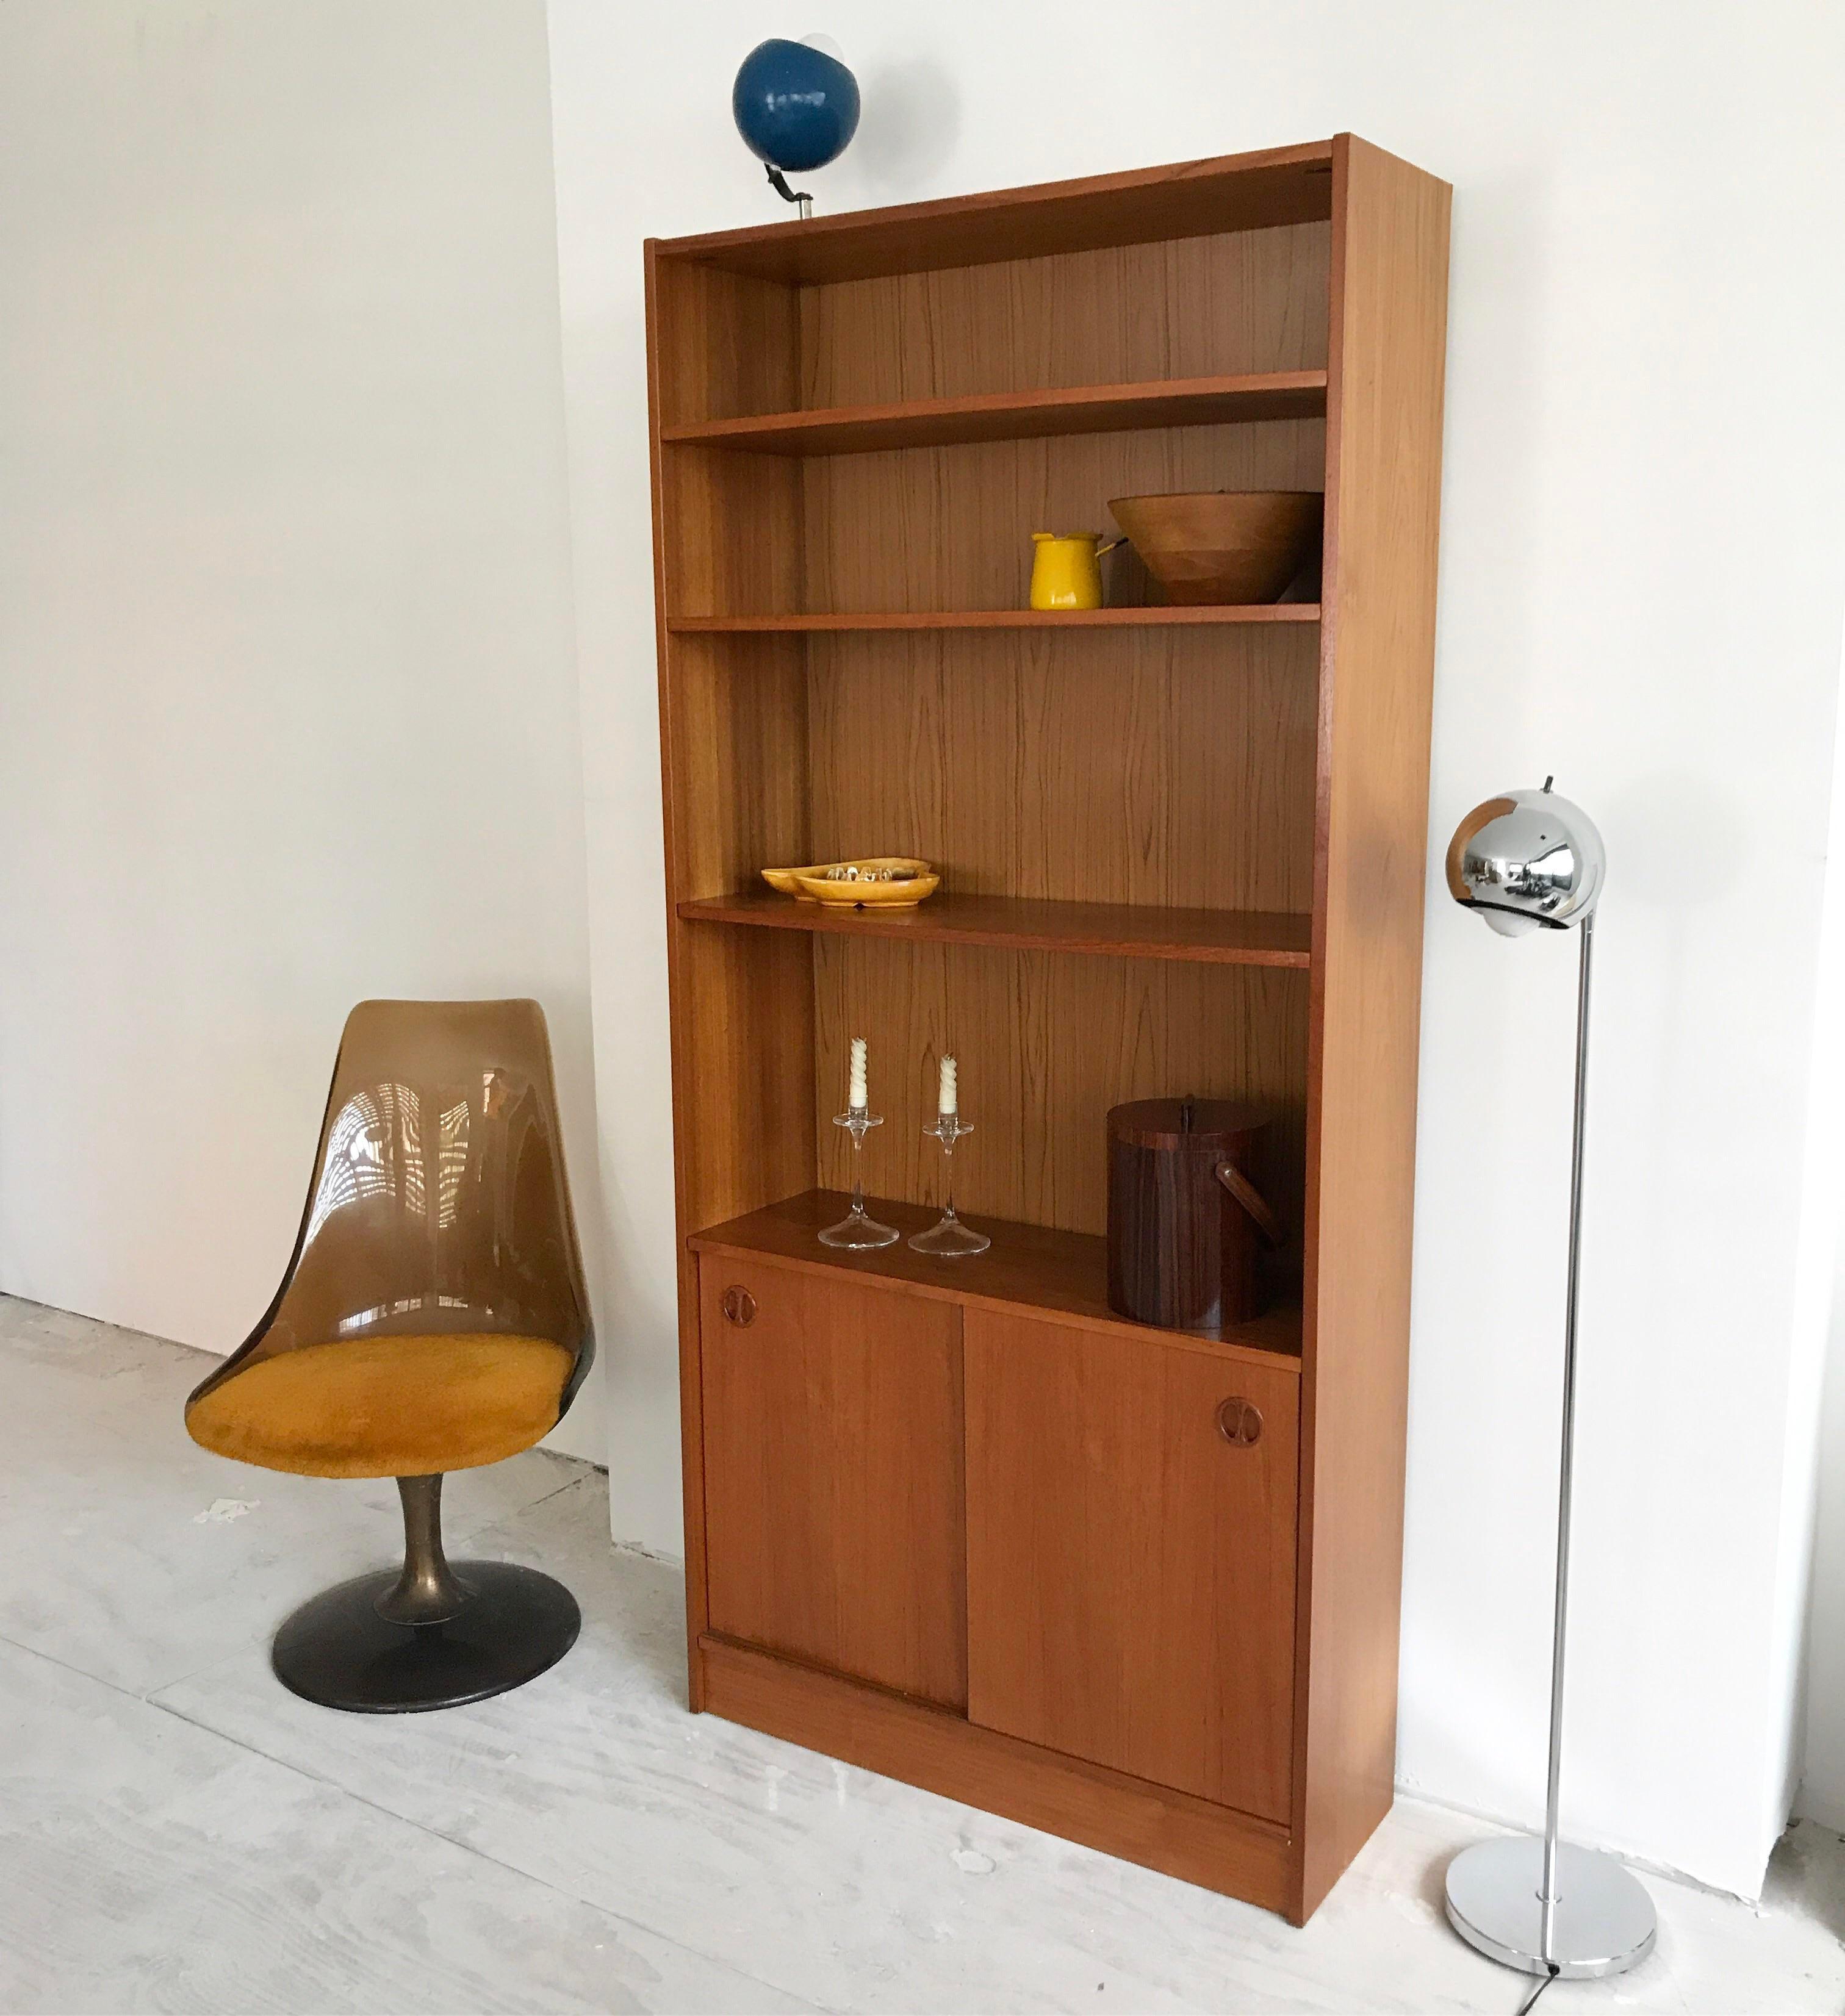 Amazing Poul Hundevad Danish Midcentury Teak Bookcase Image Of With